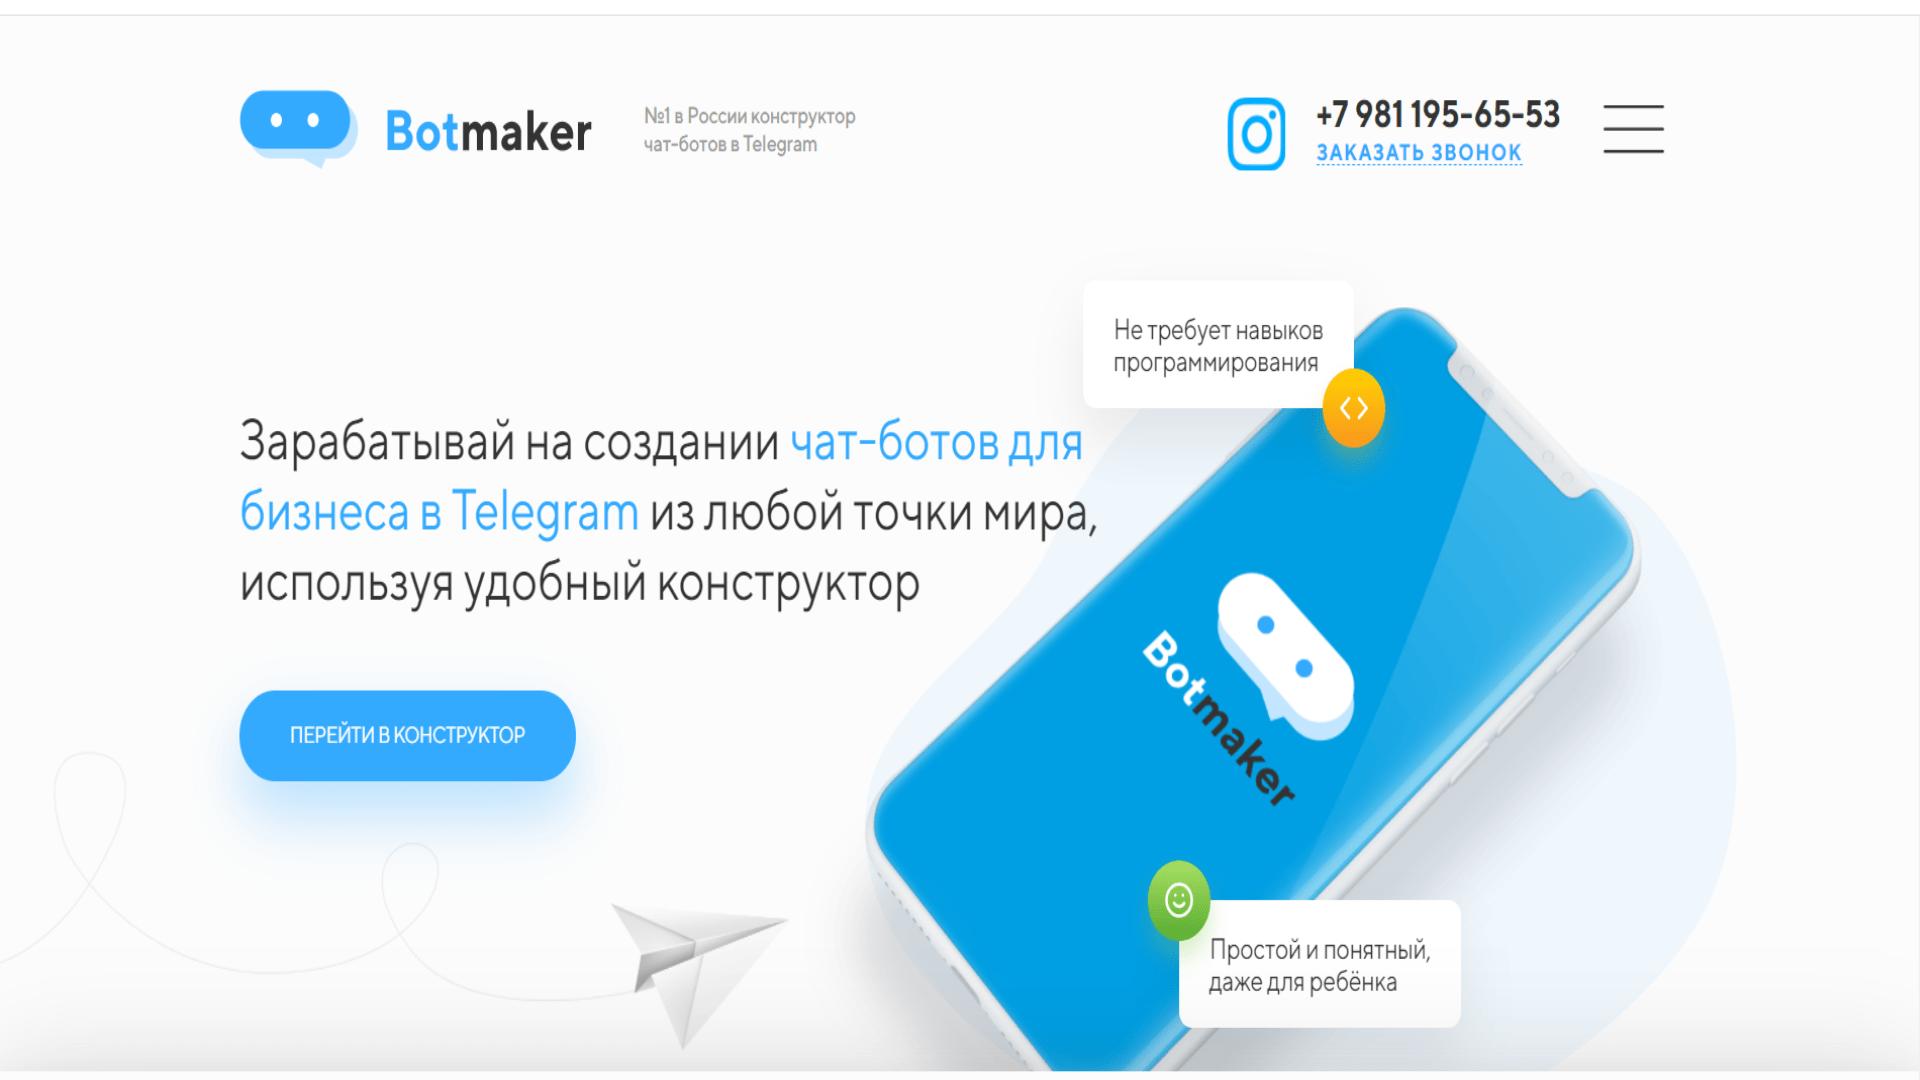 Botmaker.png